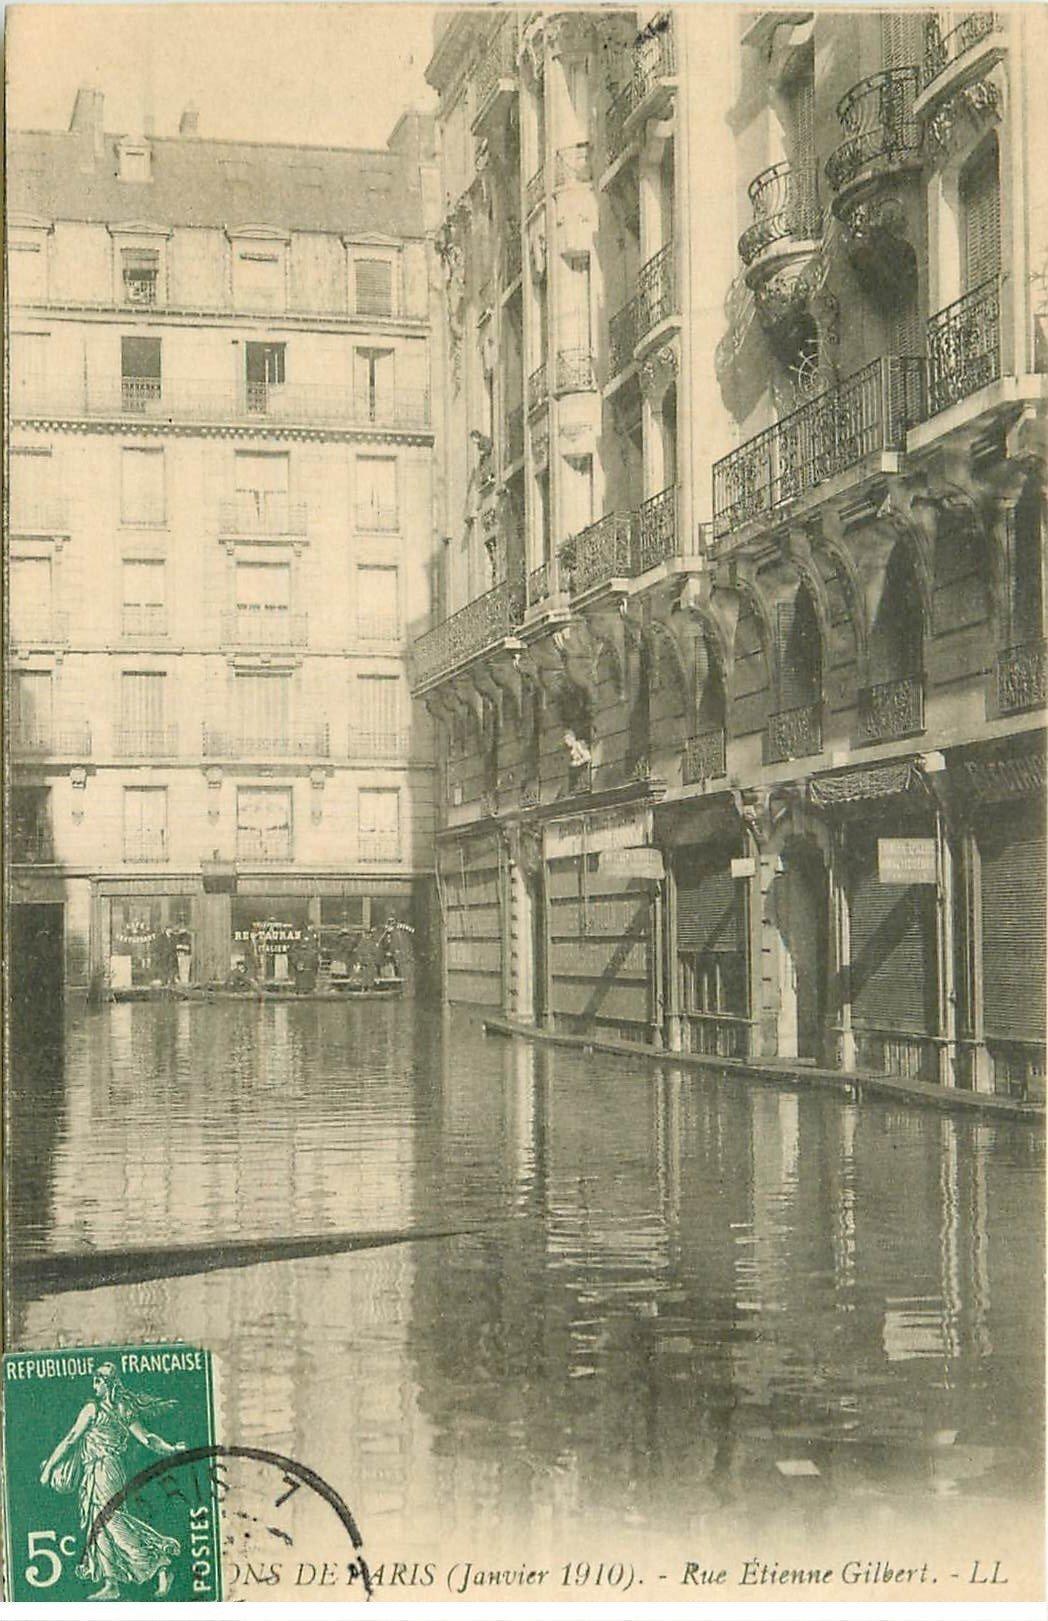 carte postale ancienne INONDATION ET CRUE PARIS 1910. Rue Etienne Gilbert